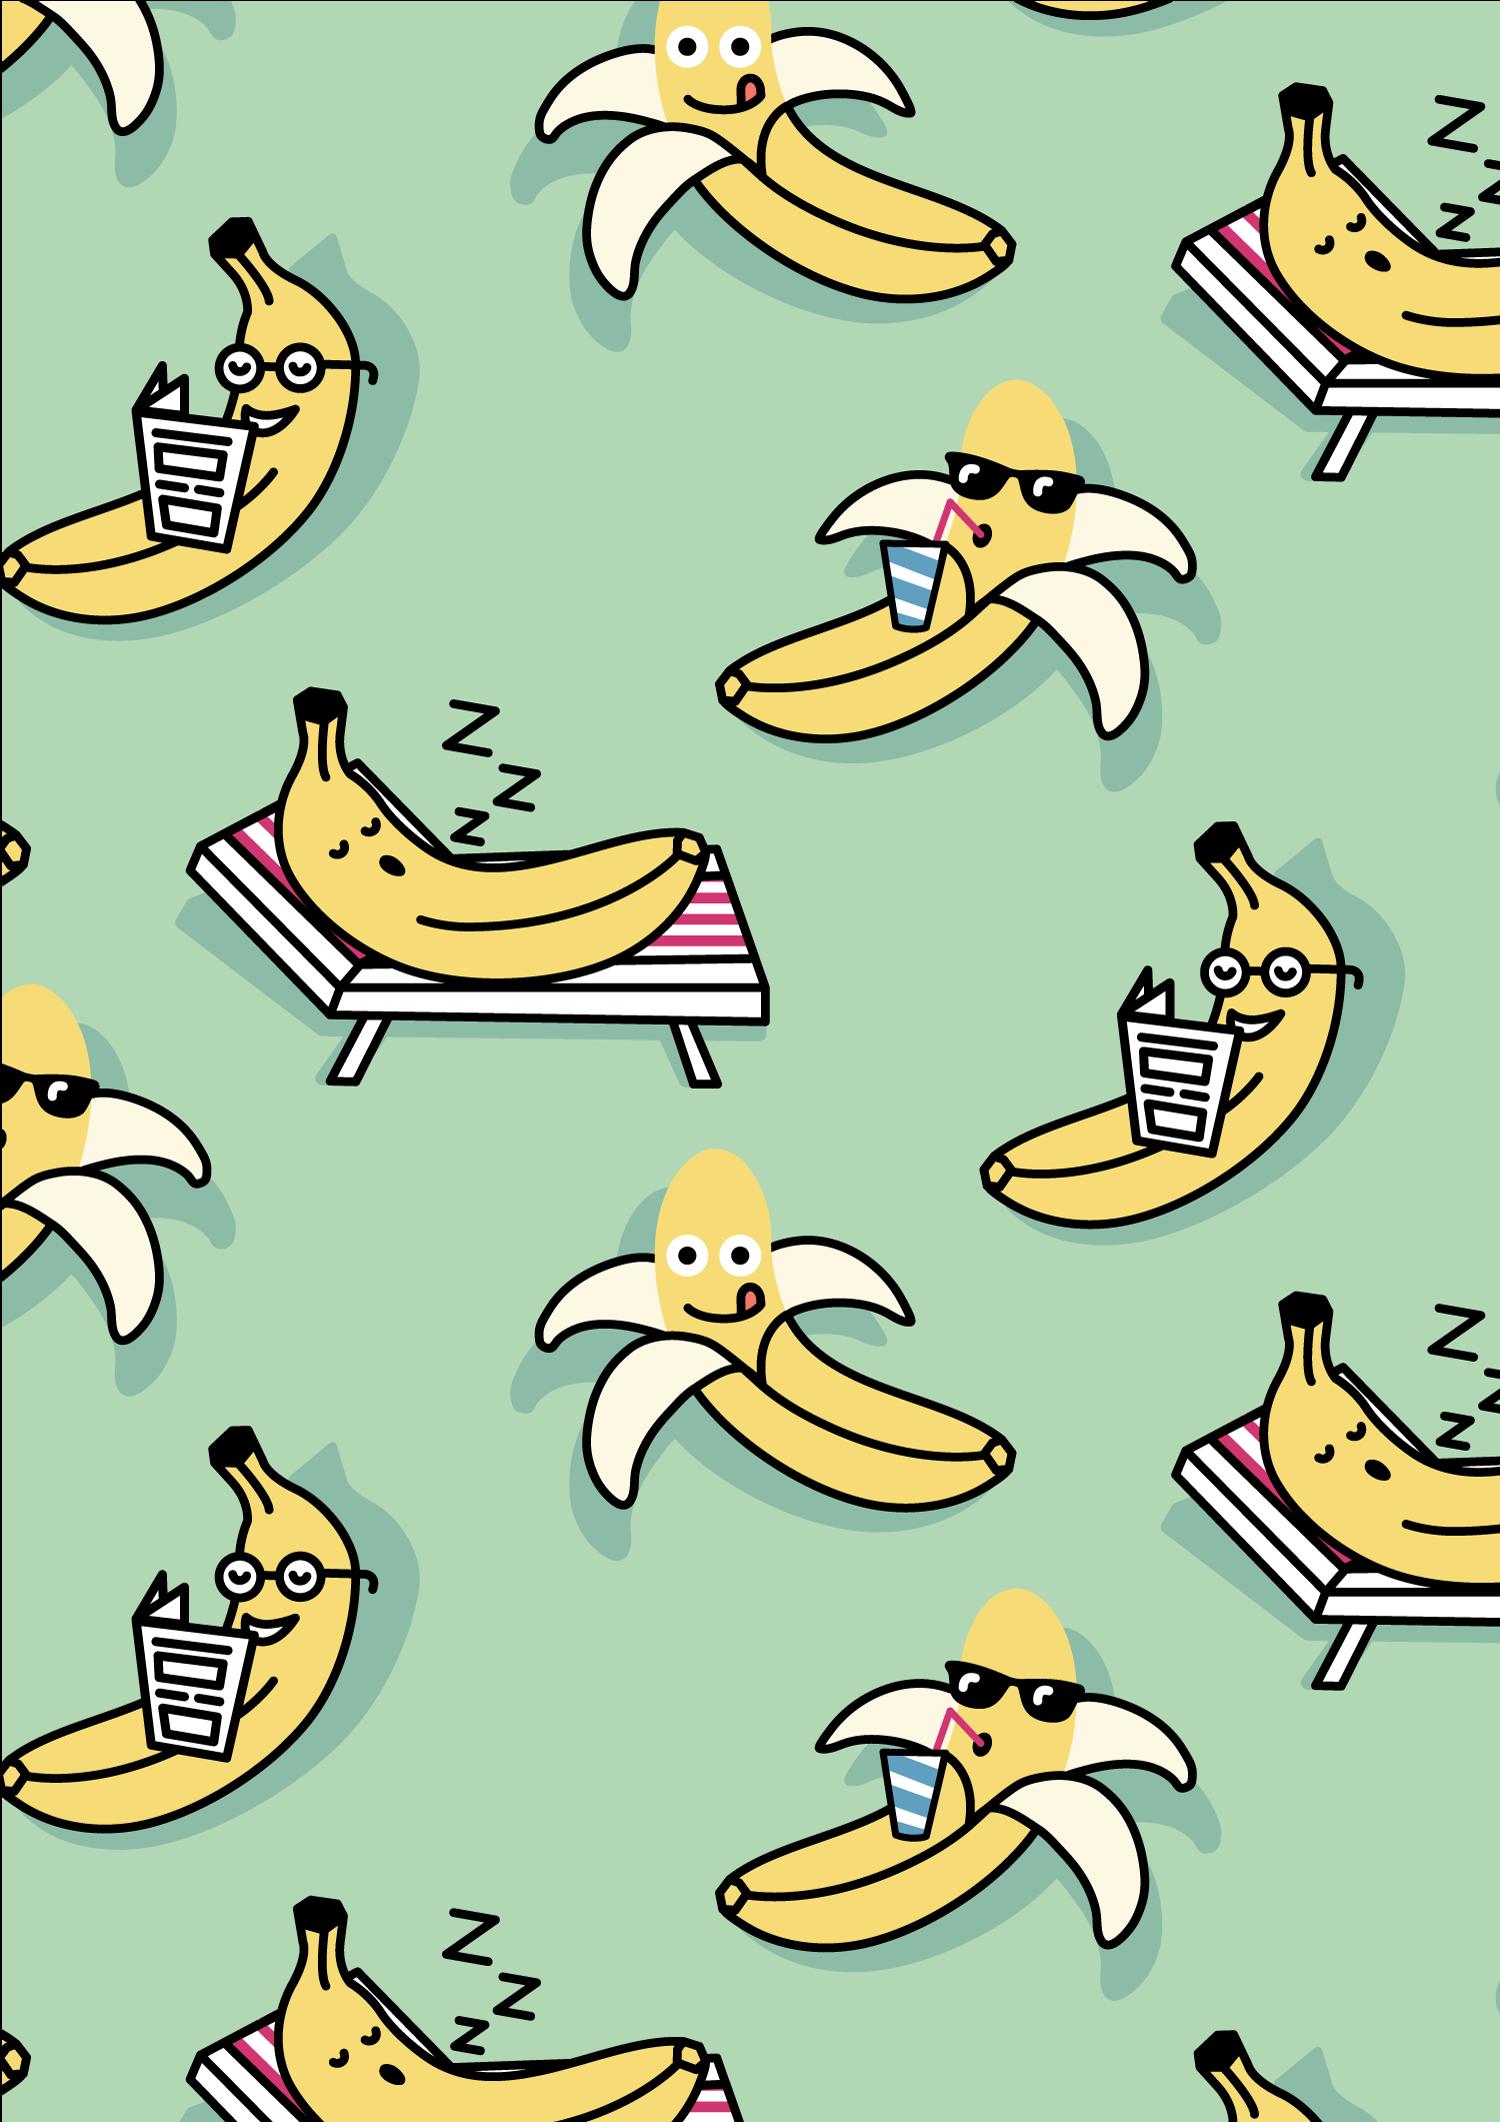 bananas_2.png